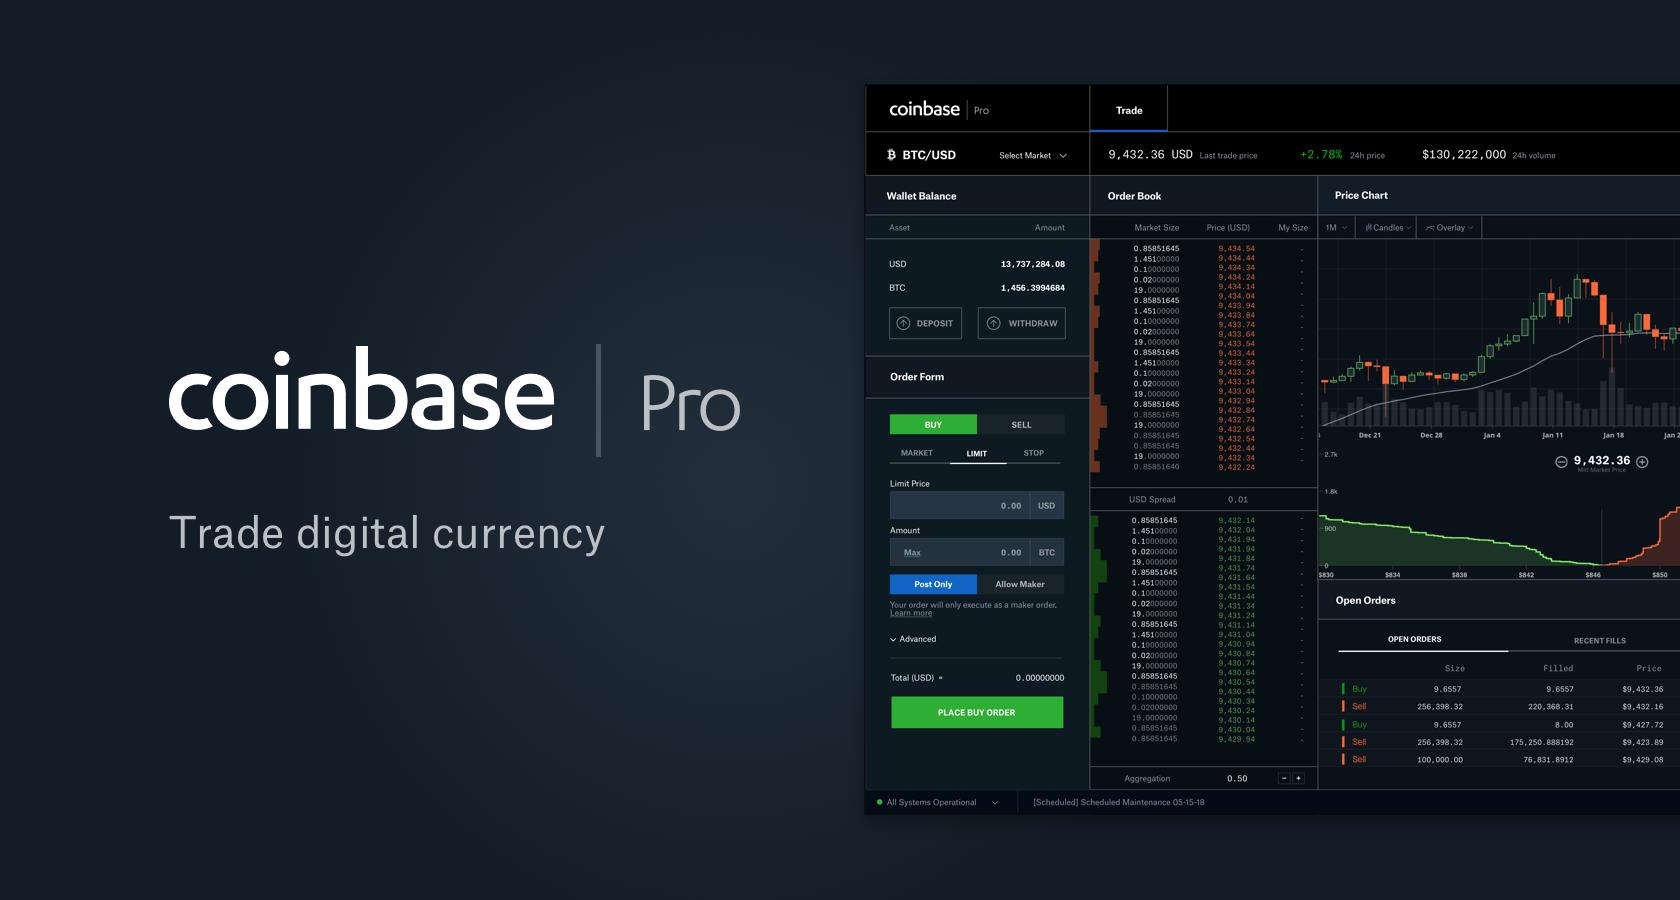 Coinbase or coinbase pro